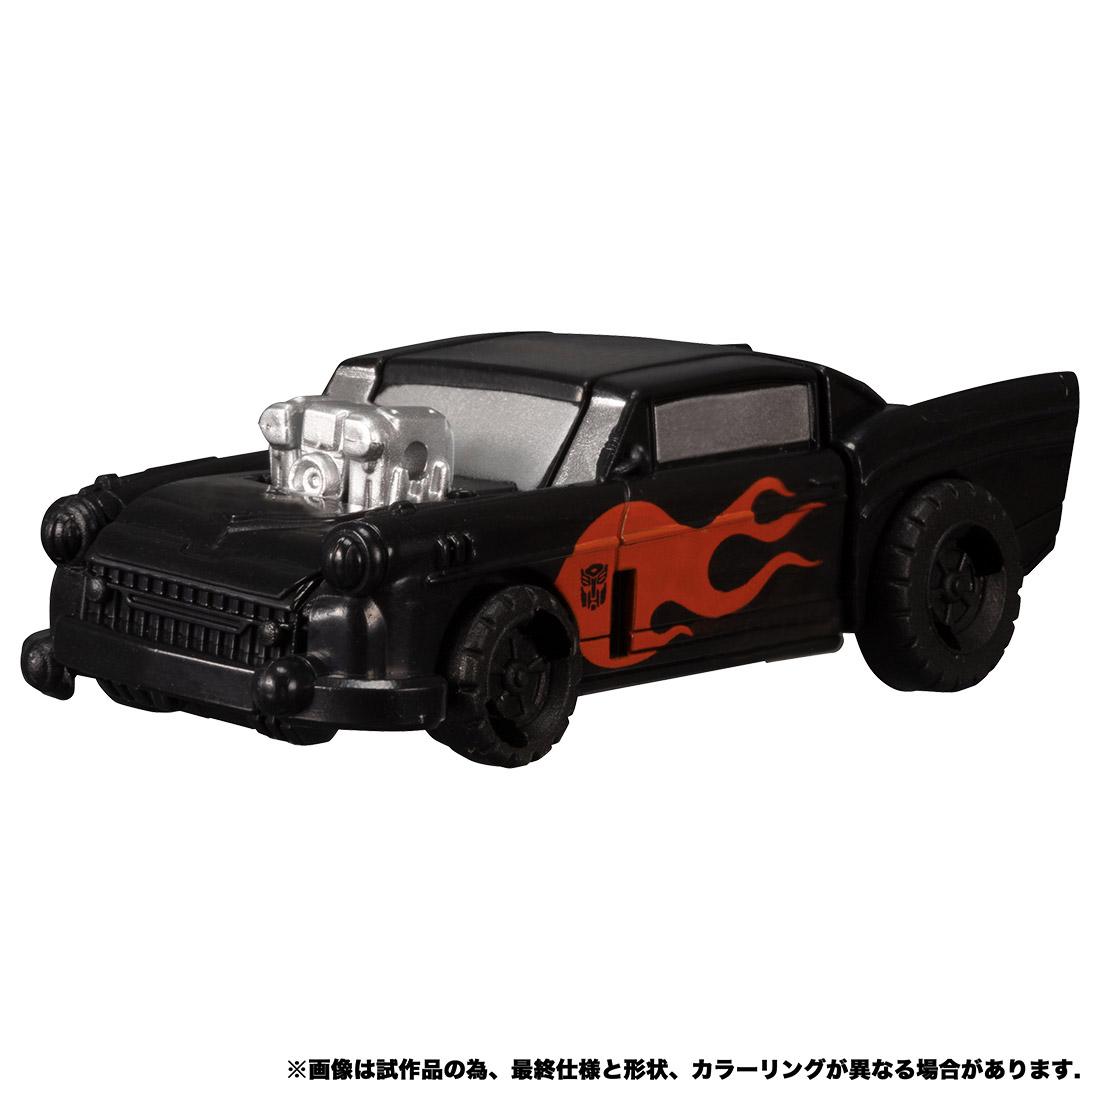 【限定販売】トランスフォーマー アースライズ『ER EX-03 トリップアップ&ダディーオー』可変可動フィギュア-005